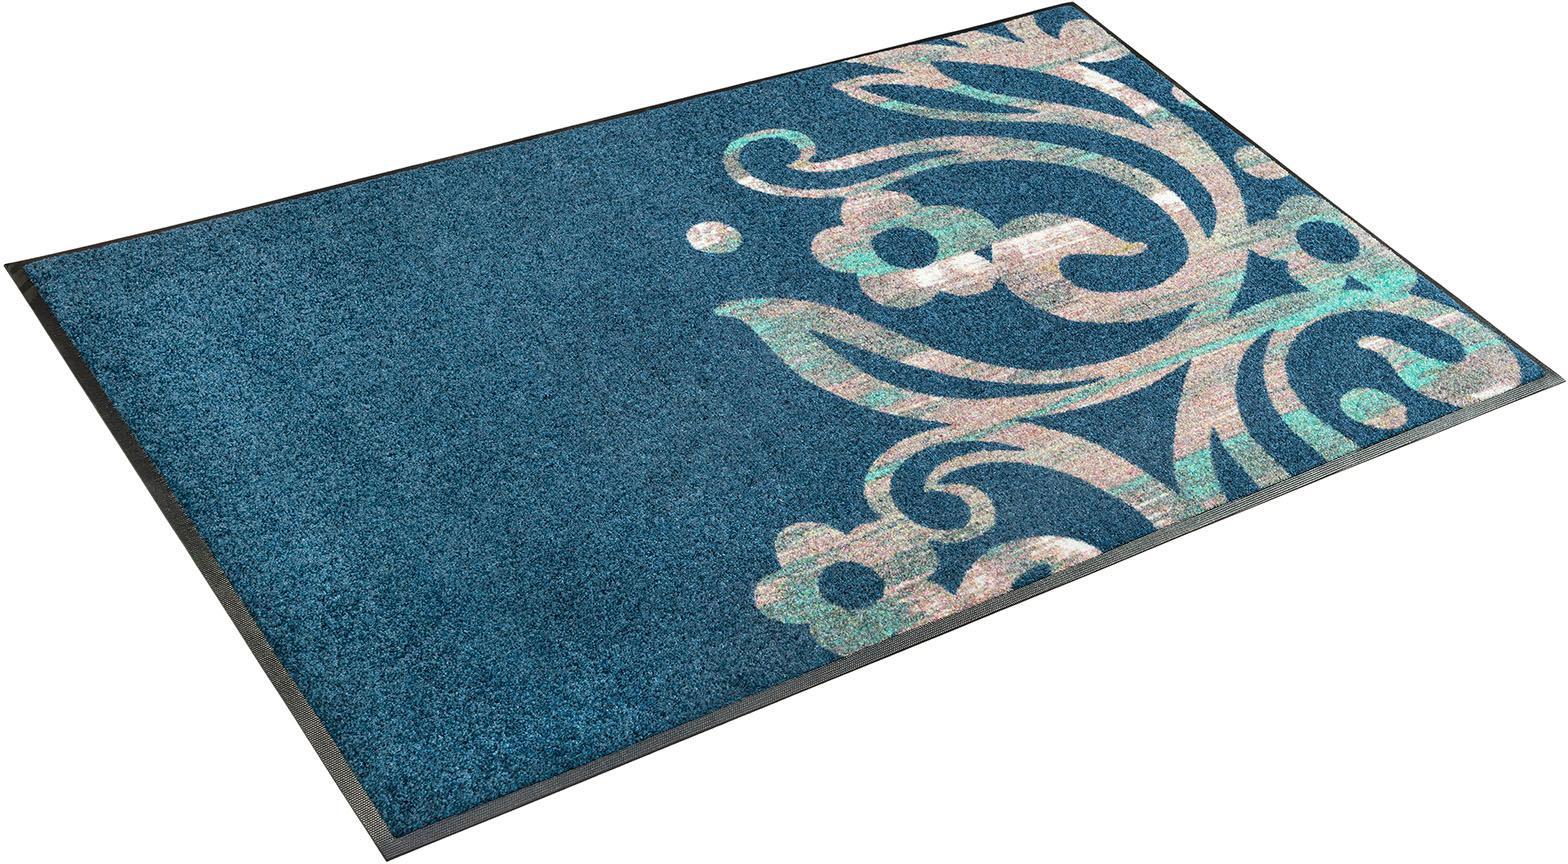 Teppich Otilia wash+dry by Kleen-Tex rechteckig Höhe 7 mm gedruckt